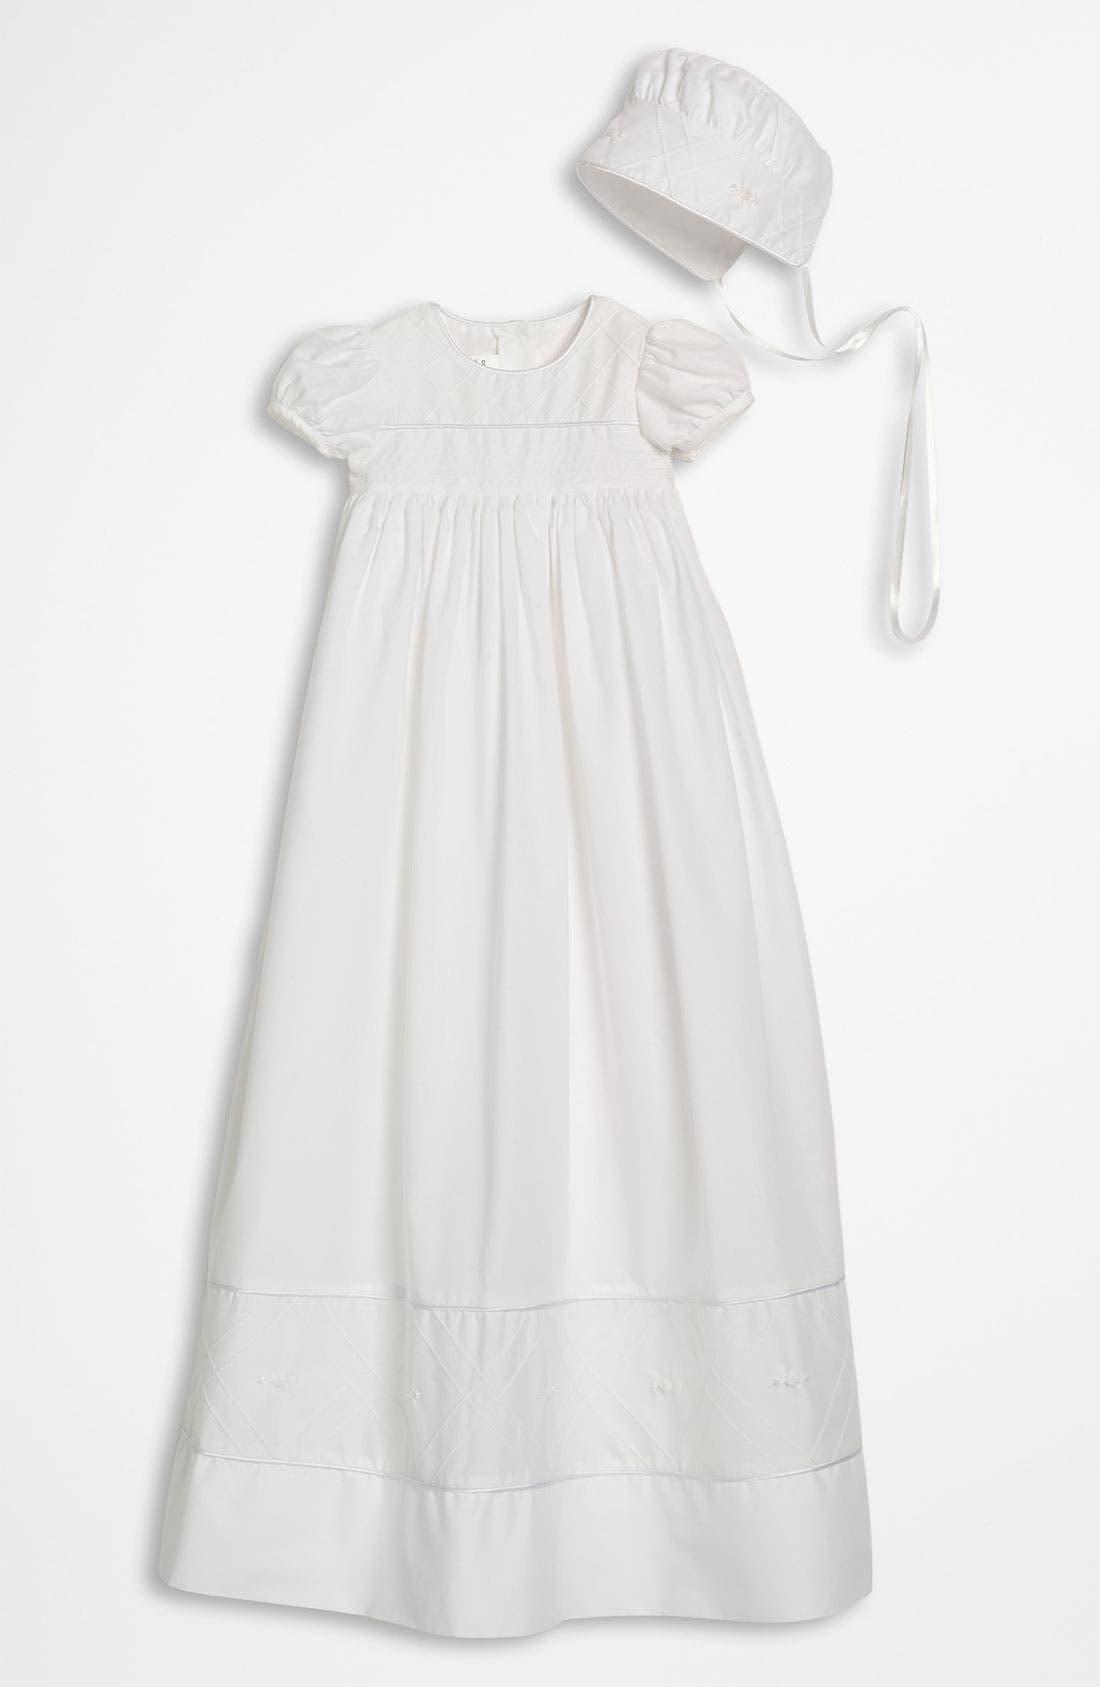 LITTLE THINGS MEAN A LOT Gown & Bonnet